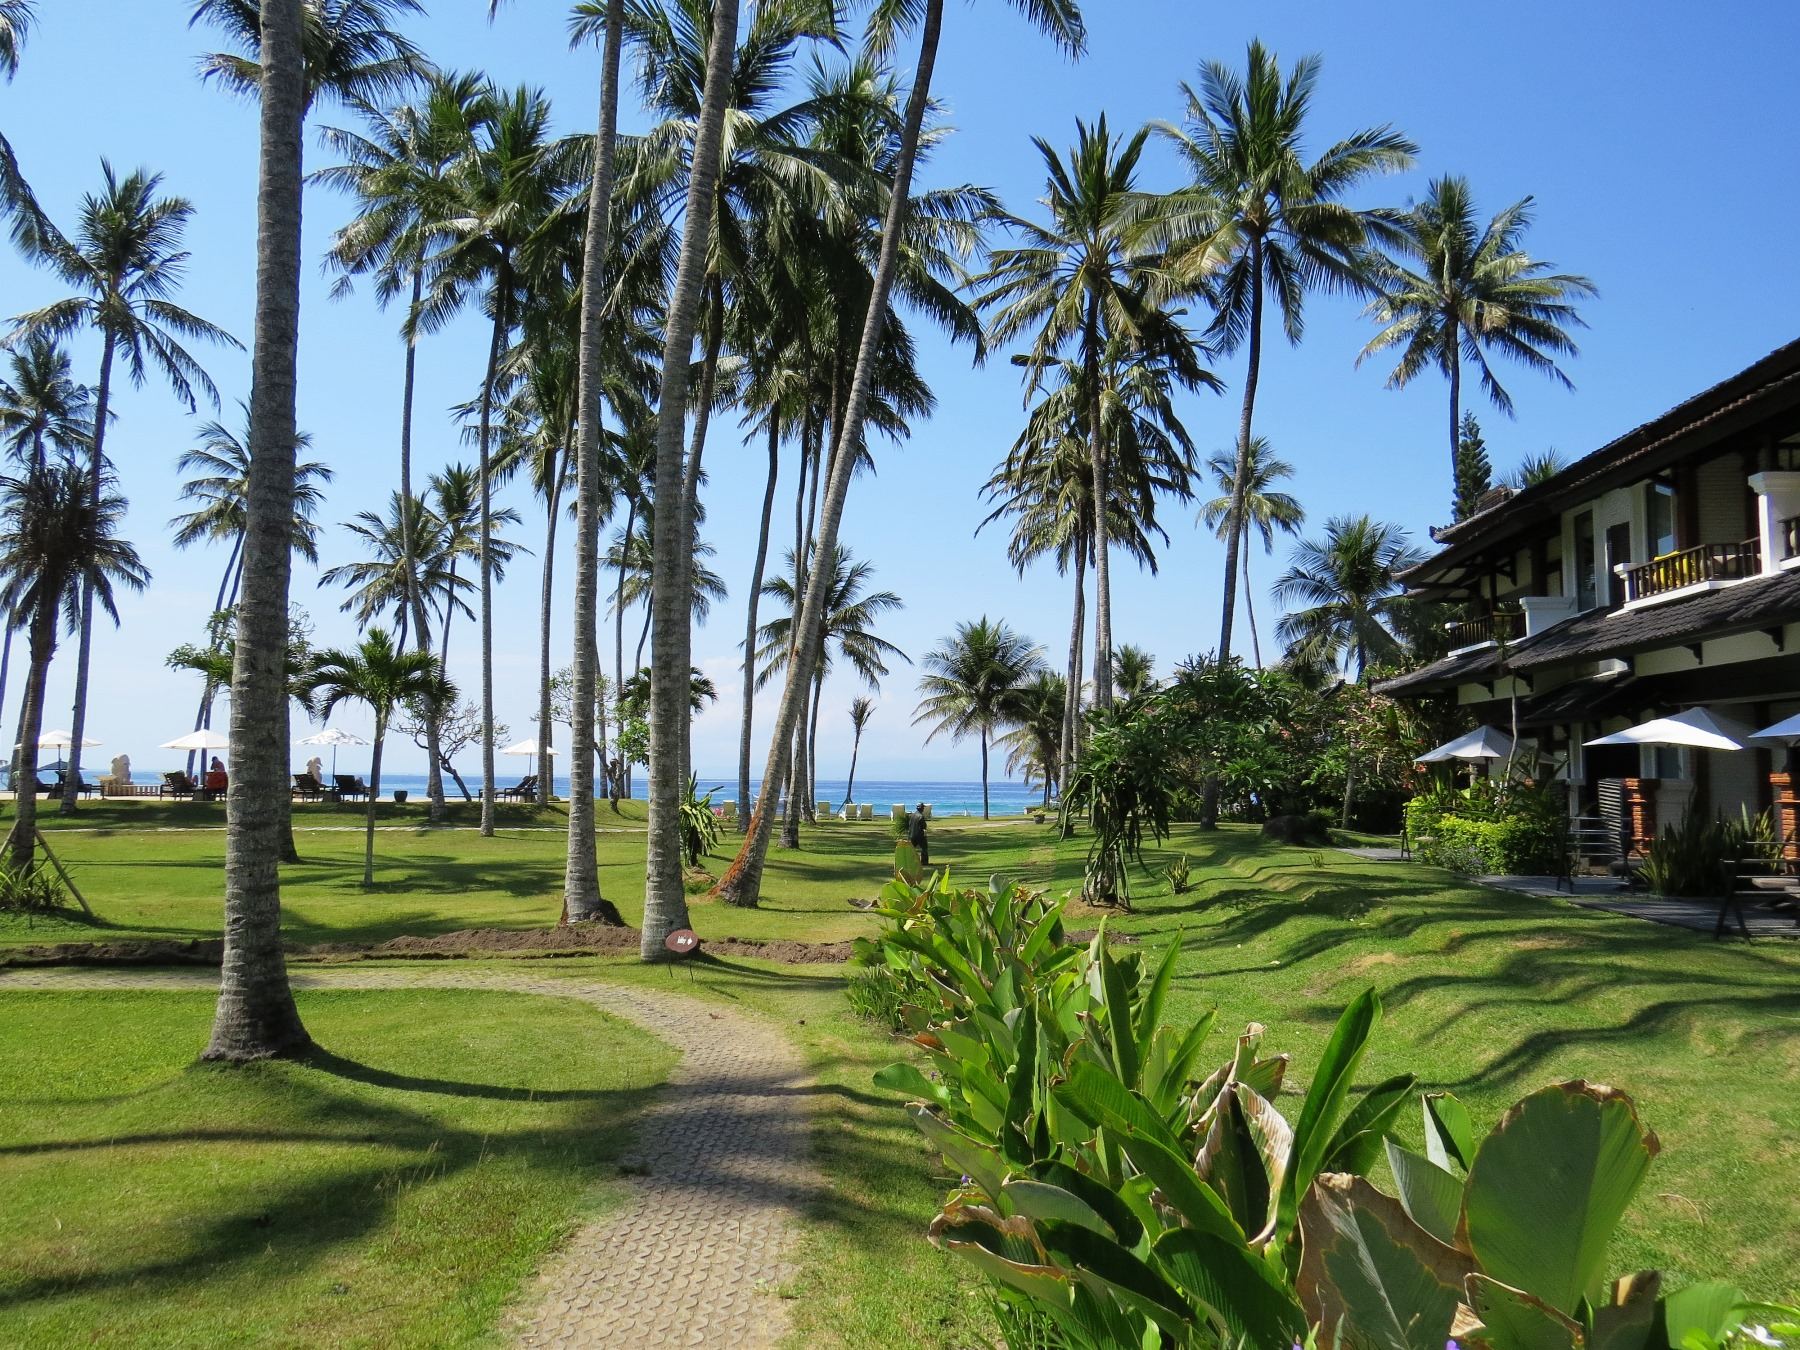 チャンディダサの快適なビーチリゾートに3連泊